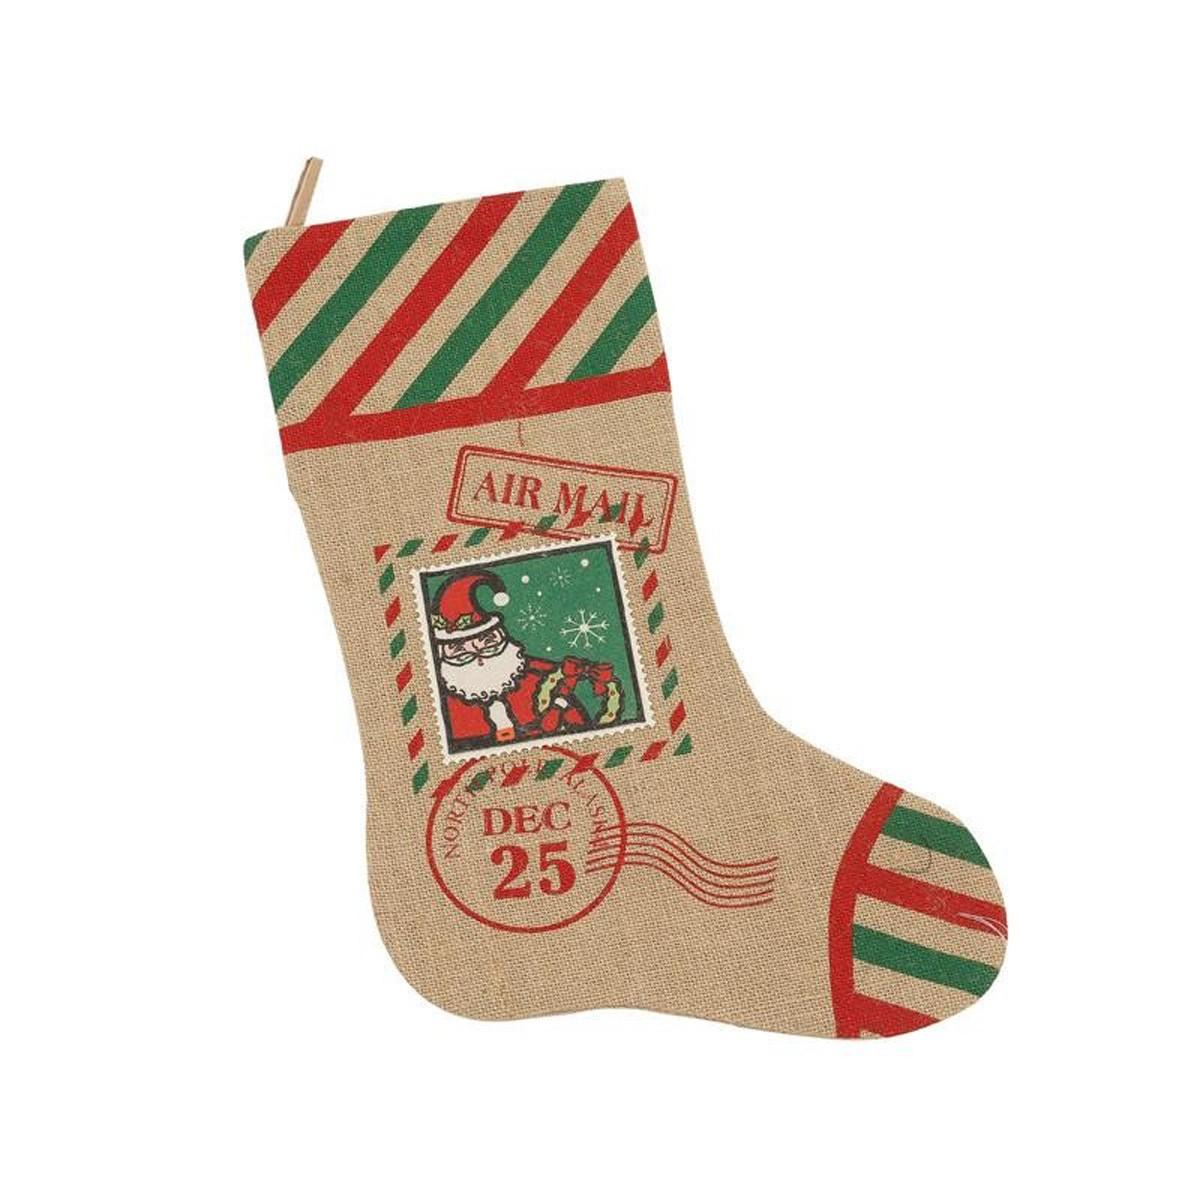 Χριστουγεννιάτικη Κάλτσα InArt Air Mail 2-40-300-0017 home   χριστουγεννιάτικα   χριστουγεννιάτικα διακοσμητικά